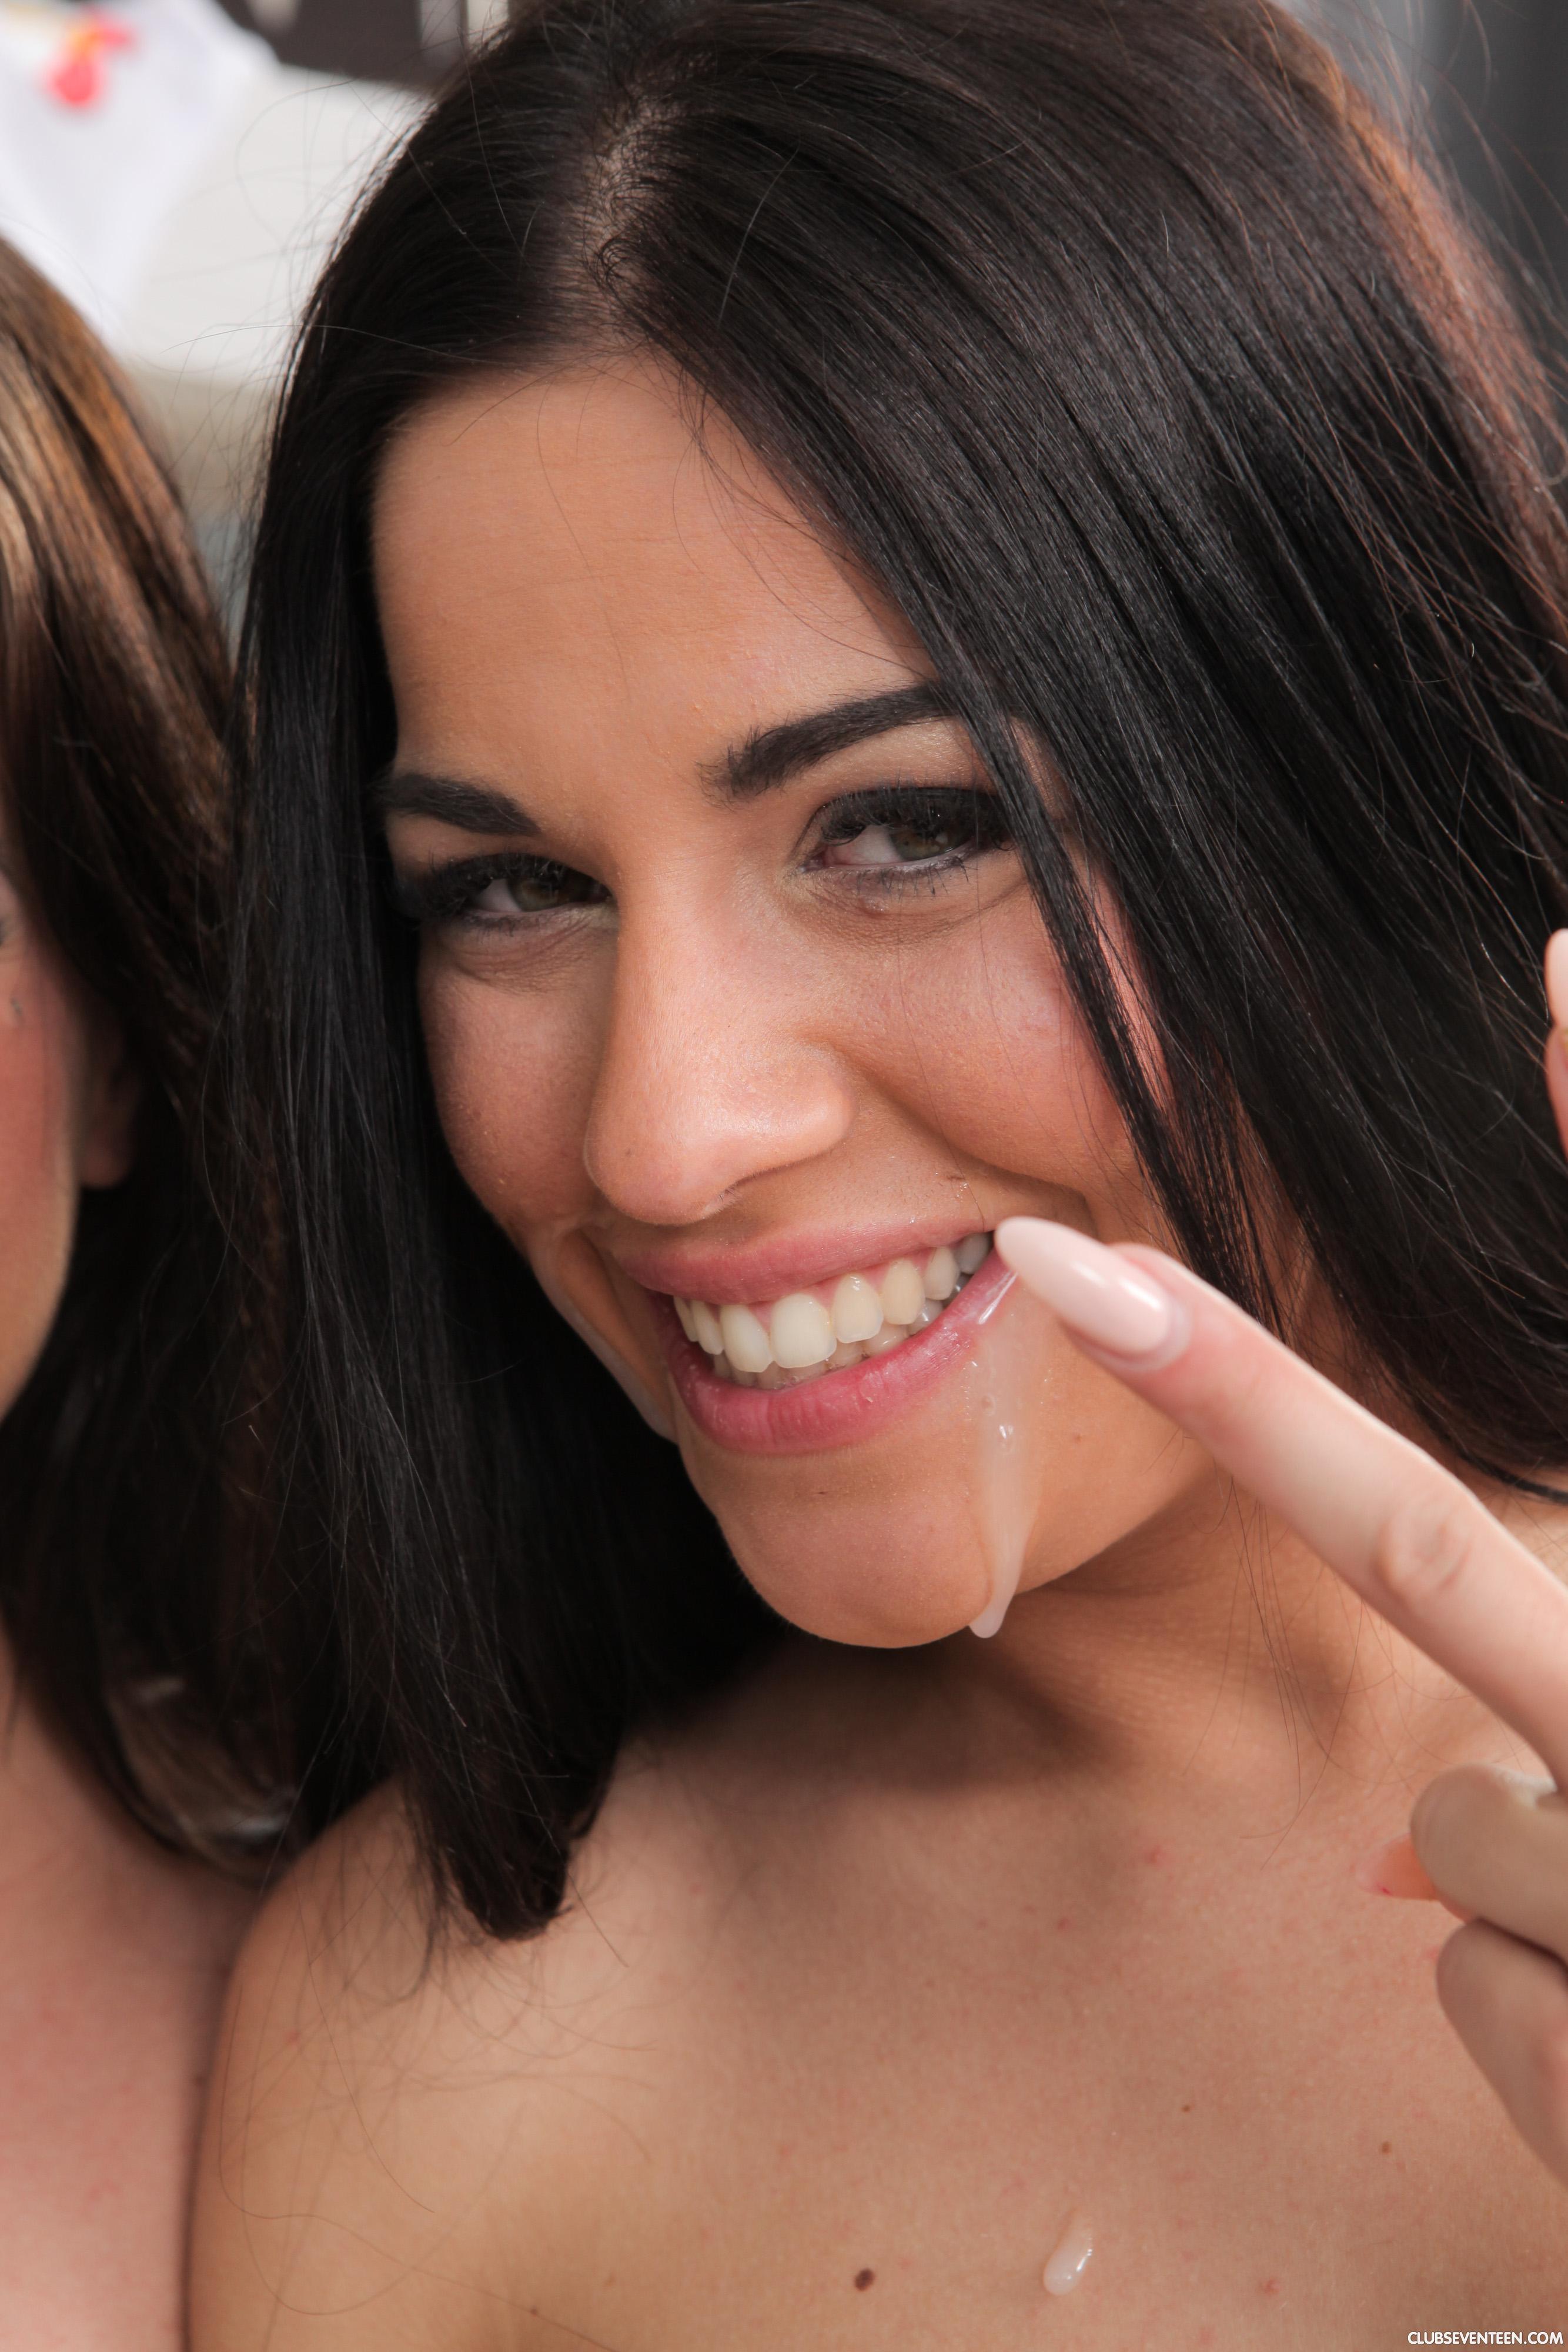 Evelyn y Silvia Dellai - dos hermanas gemelas cogen juntas